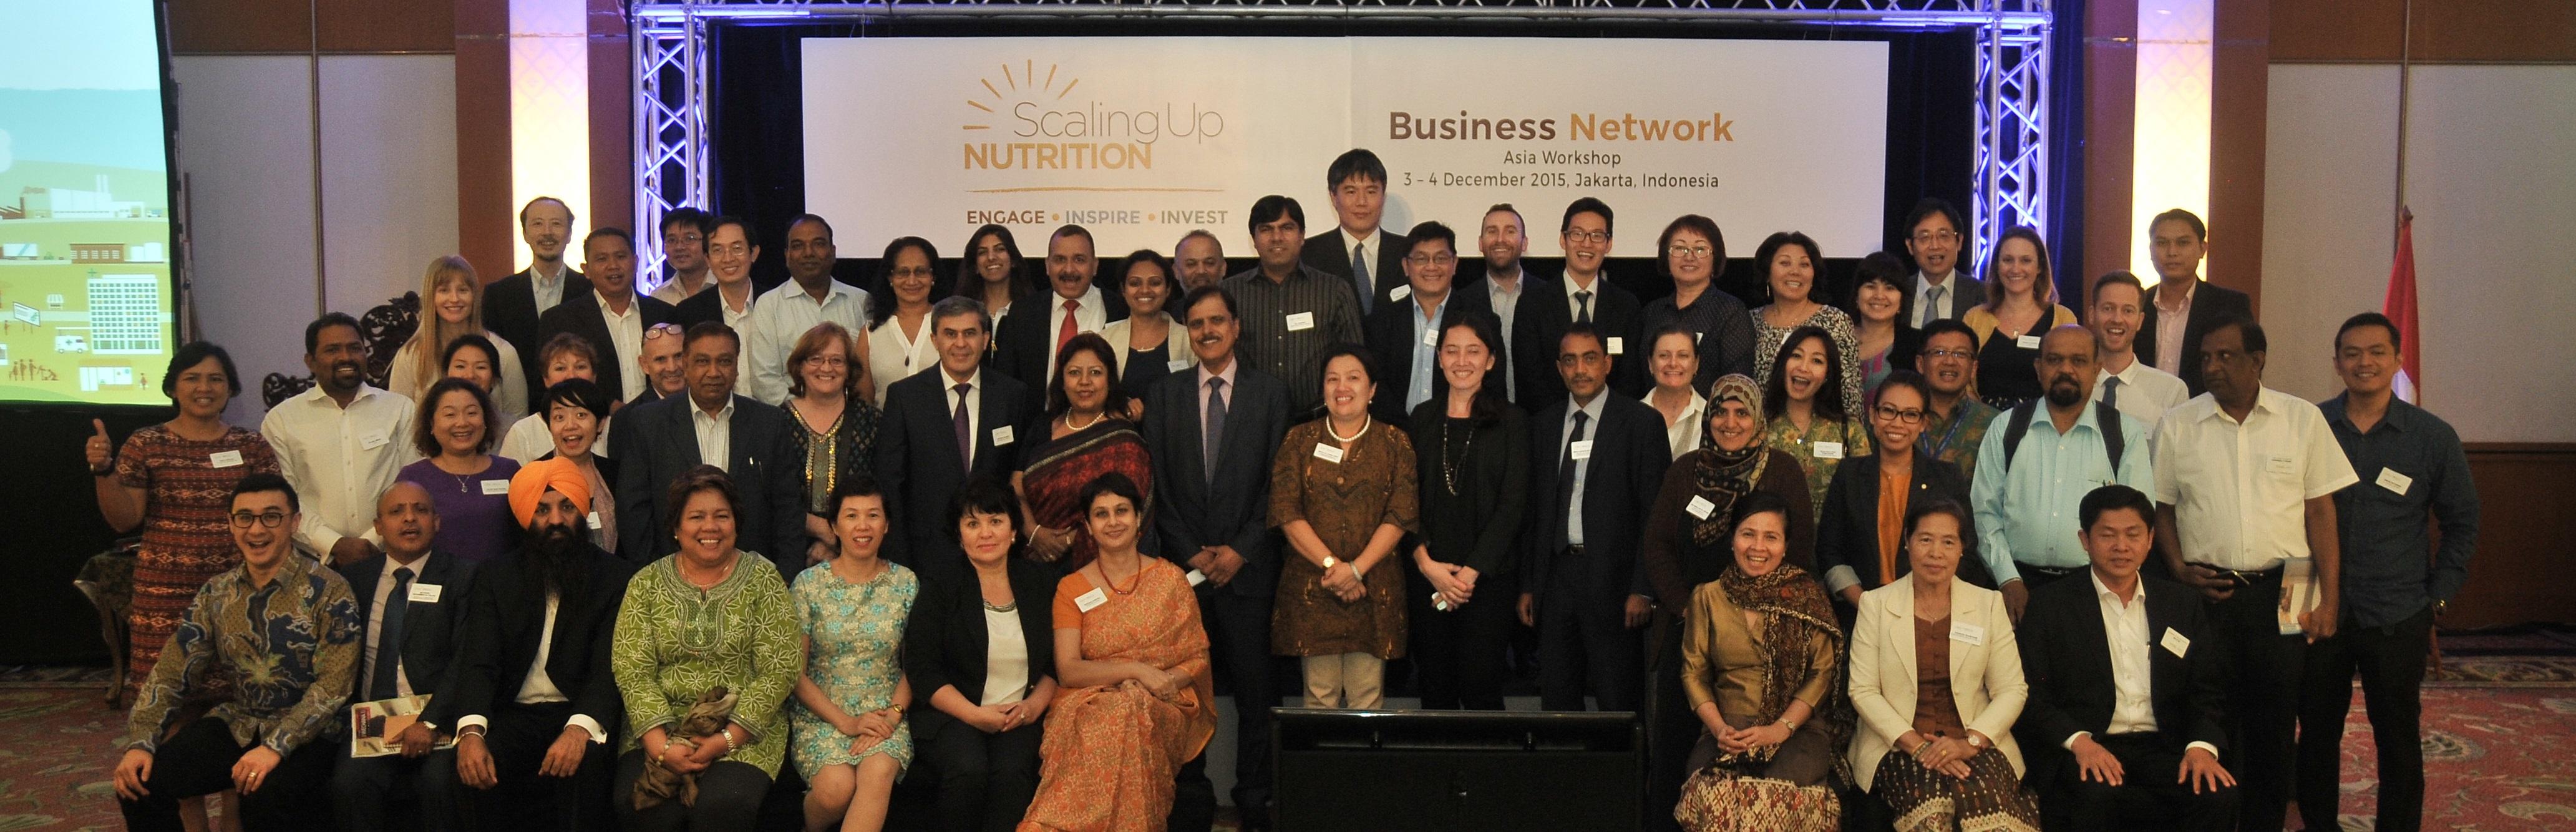 SBN-Asia-attendees